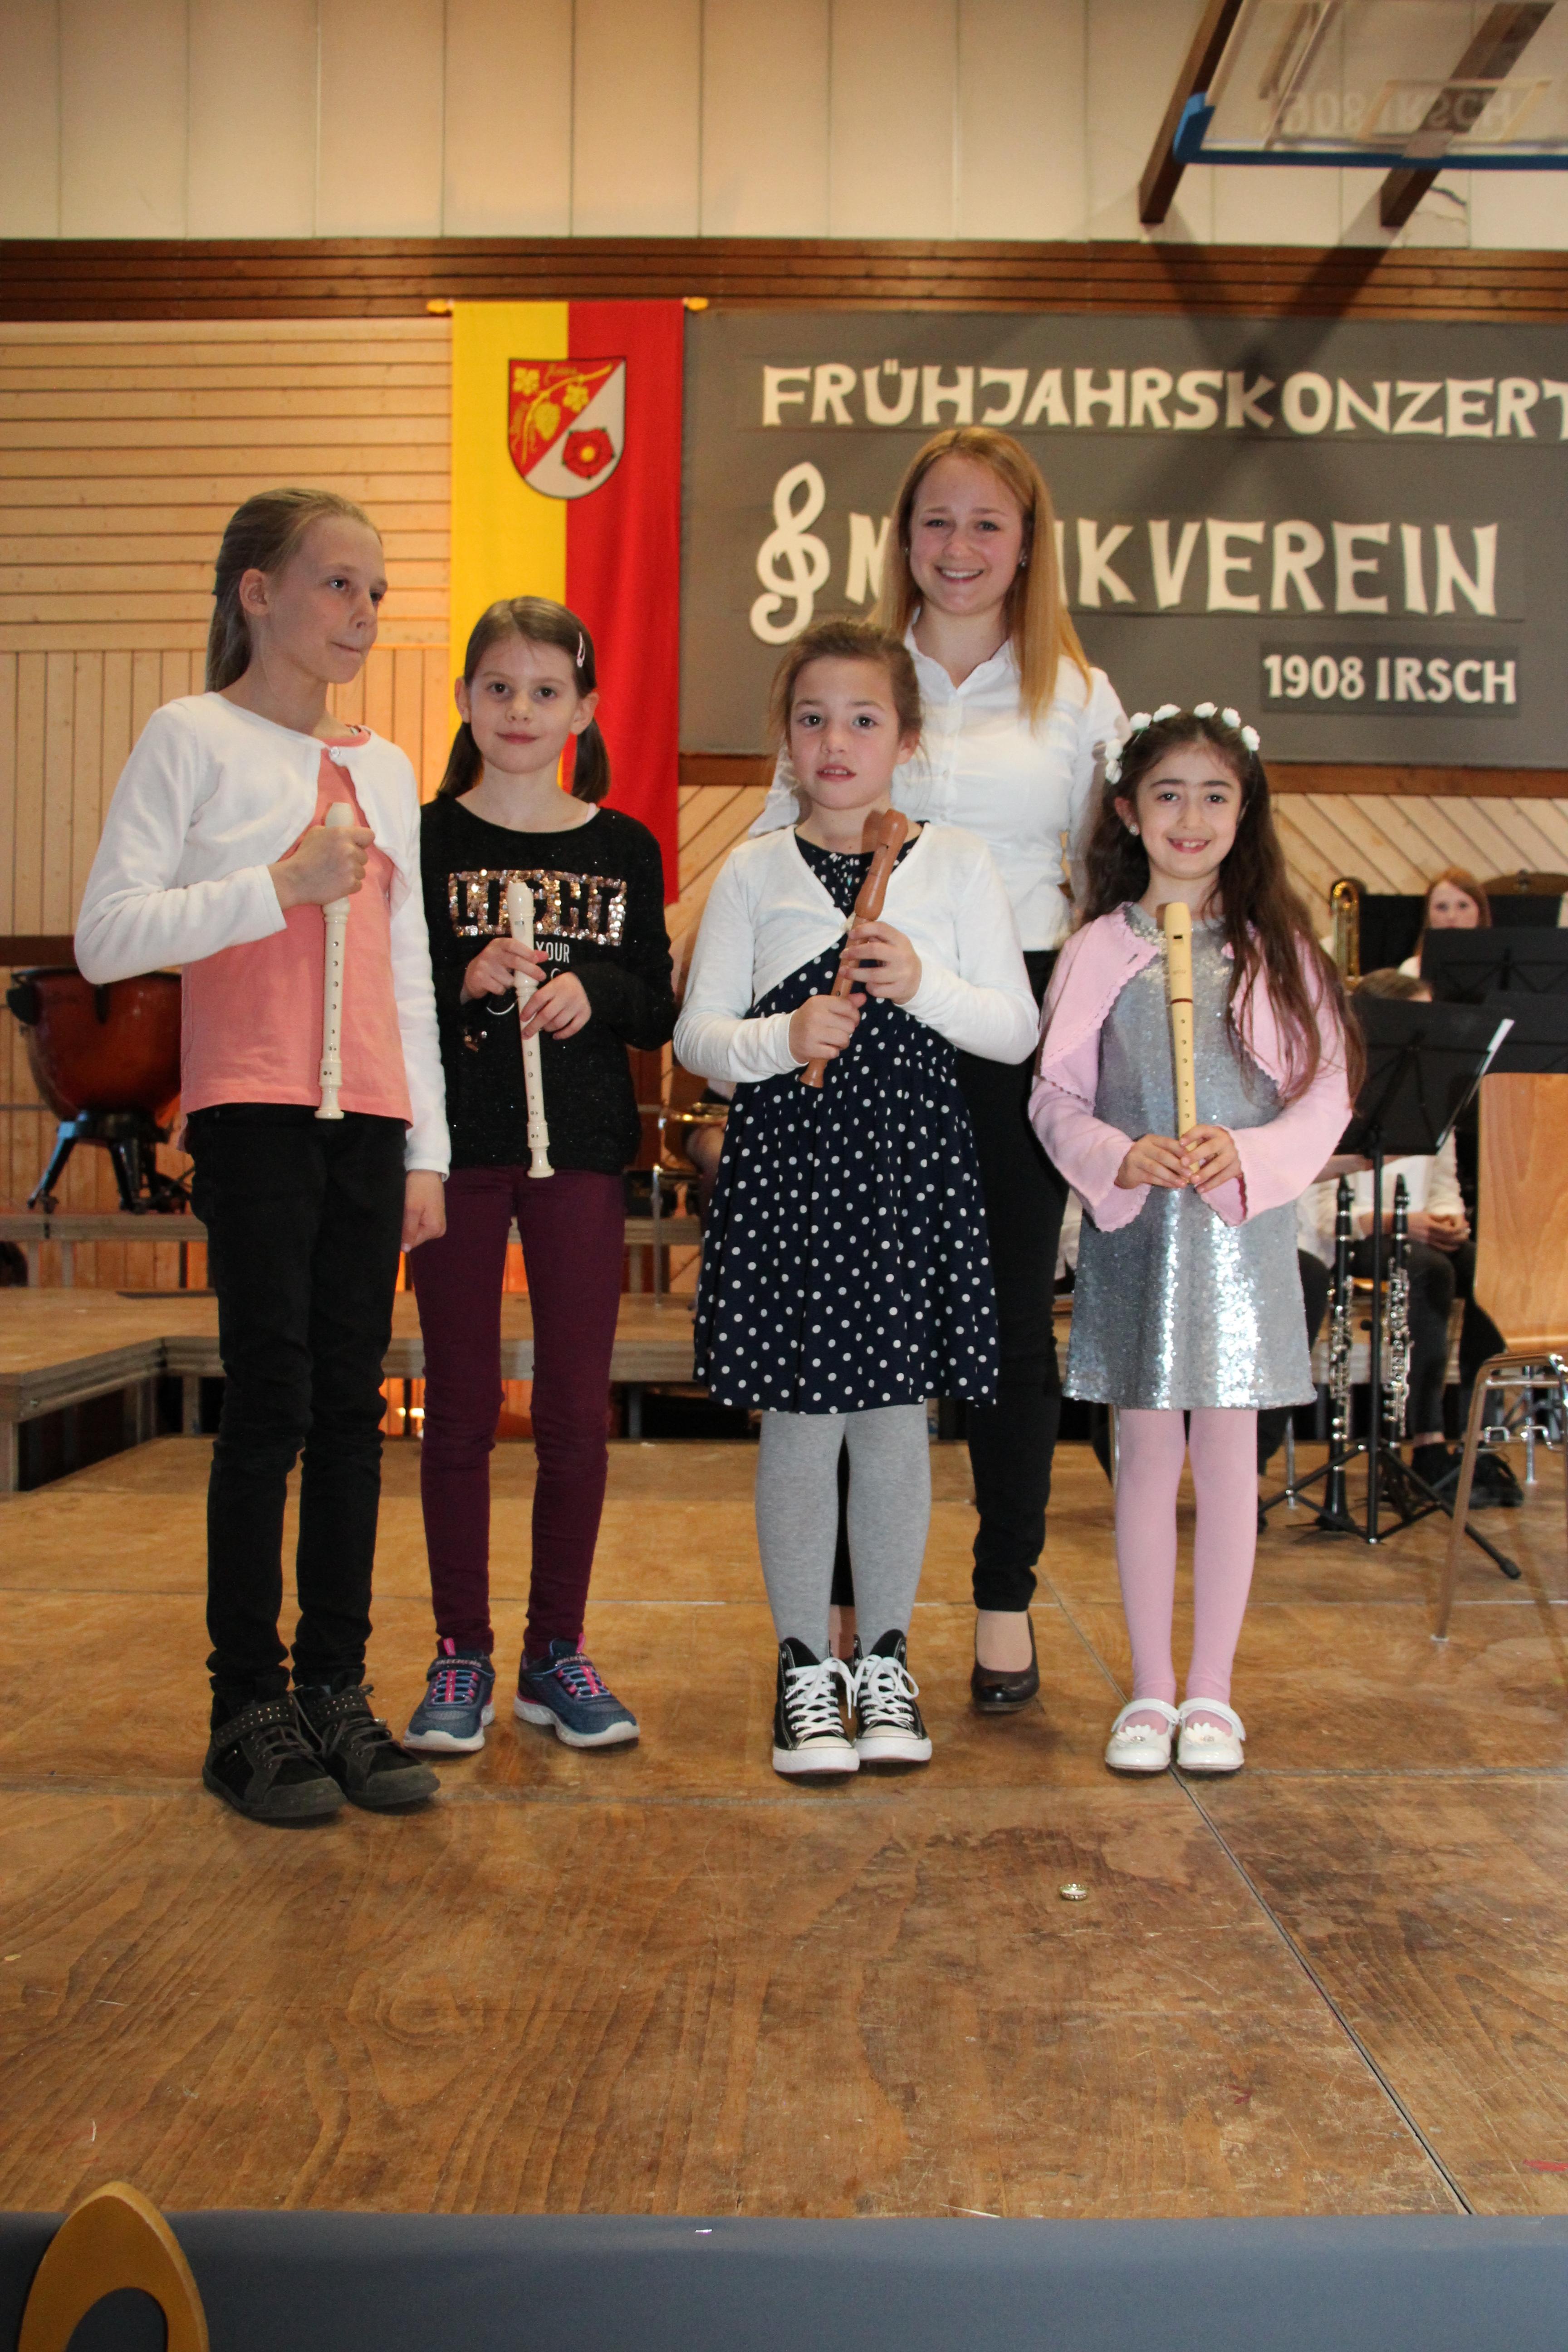 2018-04-07 MV-Irsch Frühlingskonzert 2018 (25)